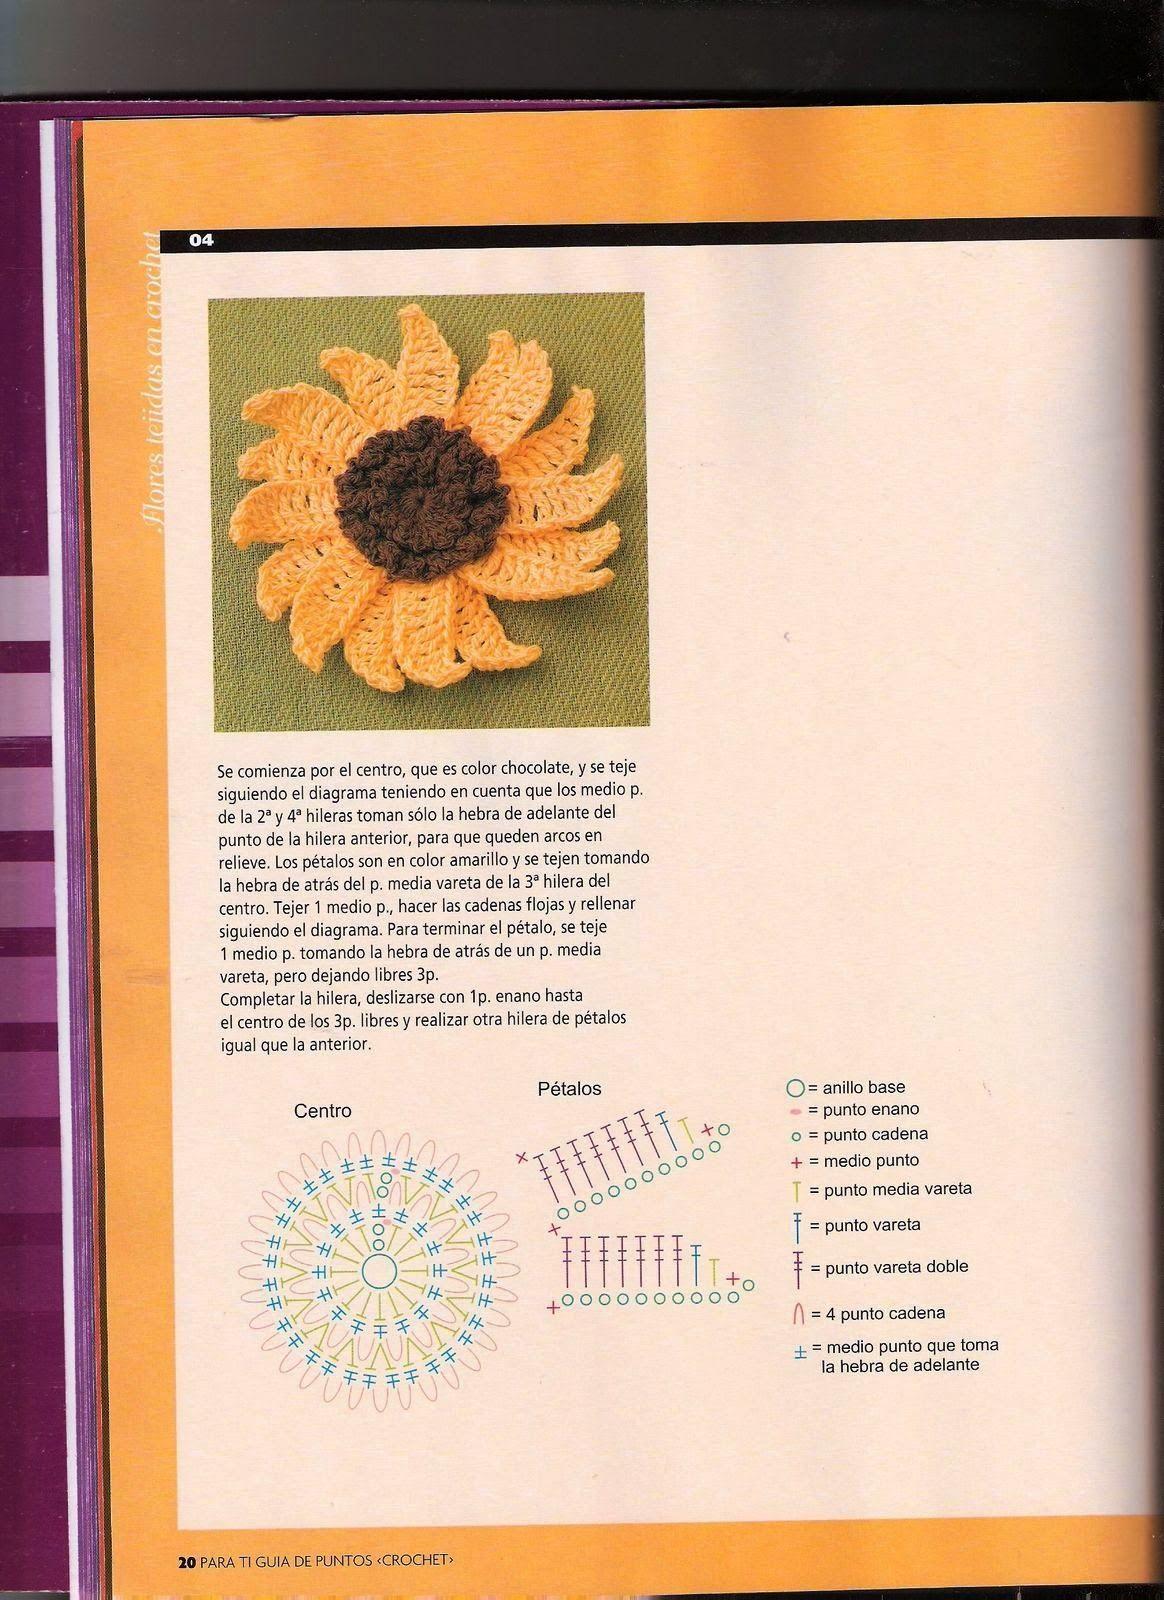 Flores en crochet con diagramas - Revistas de manualidades Gratis ...